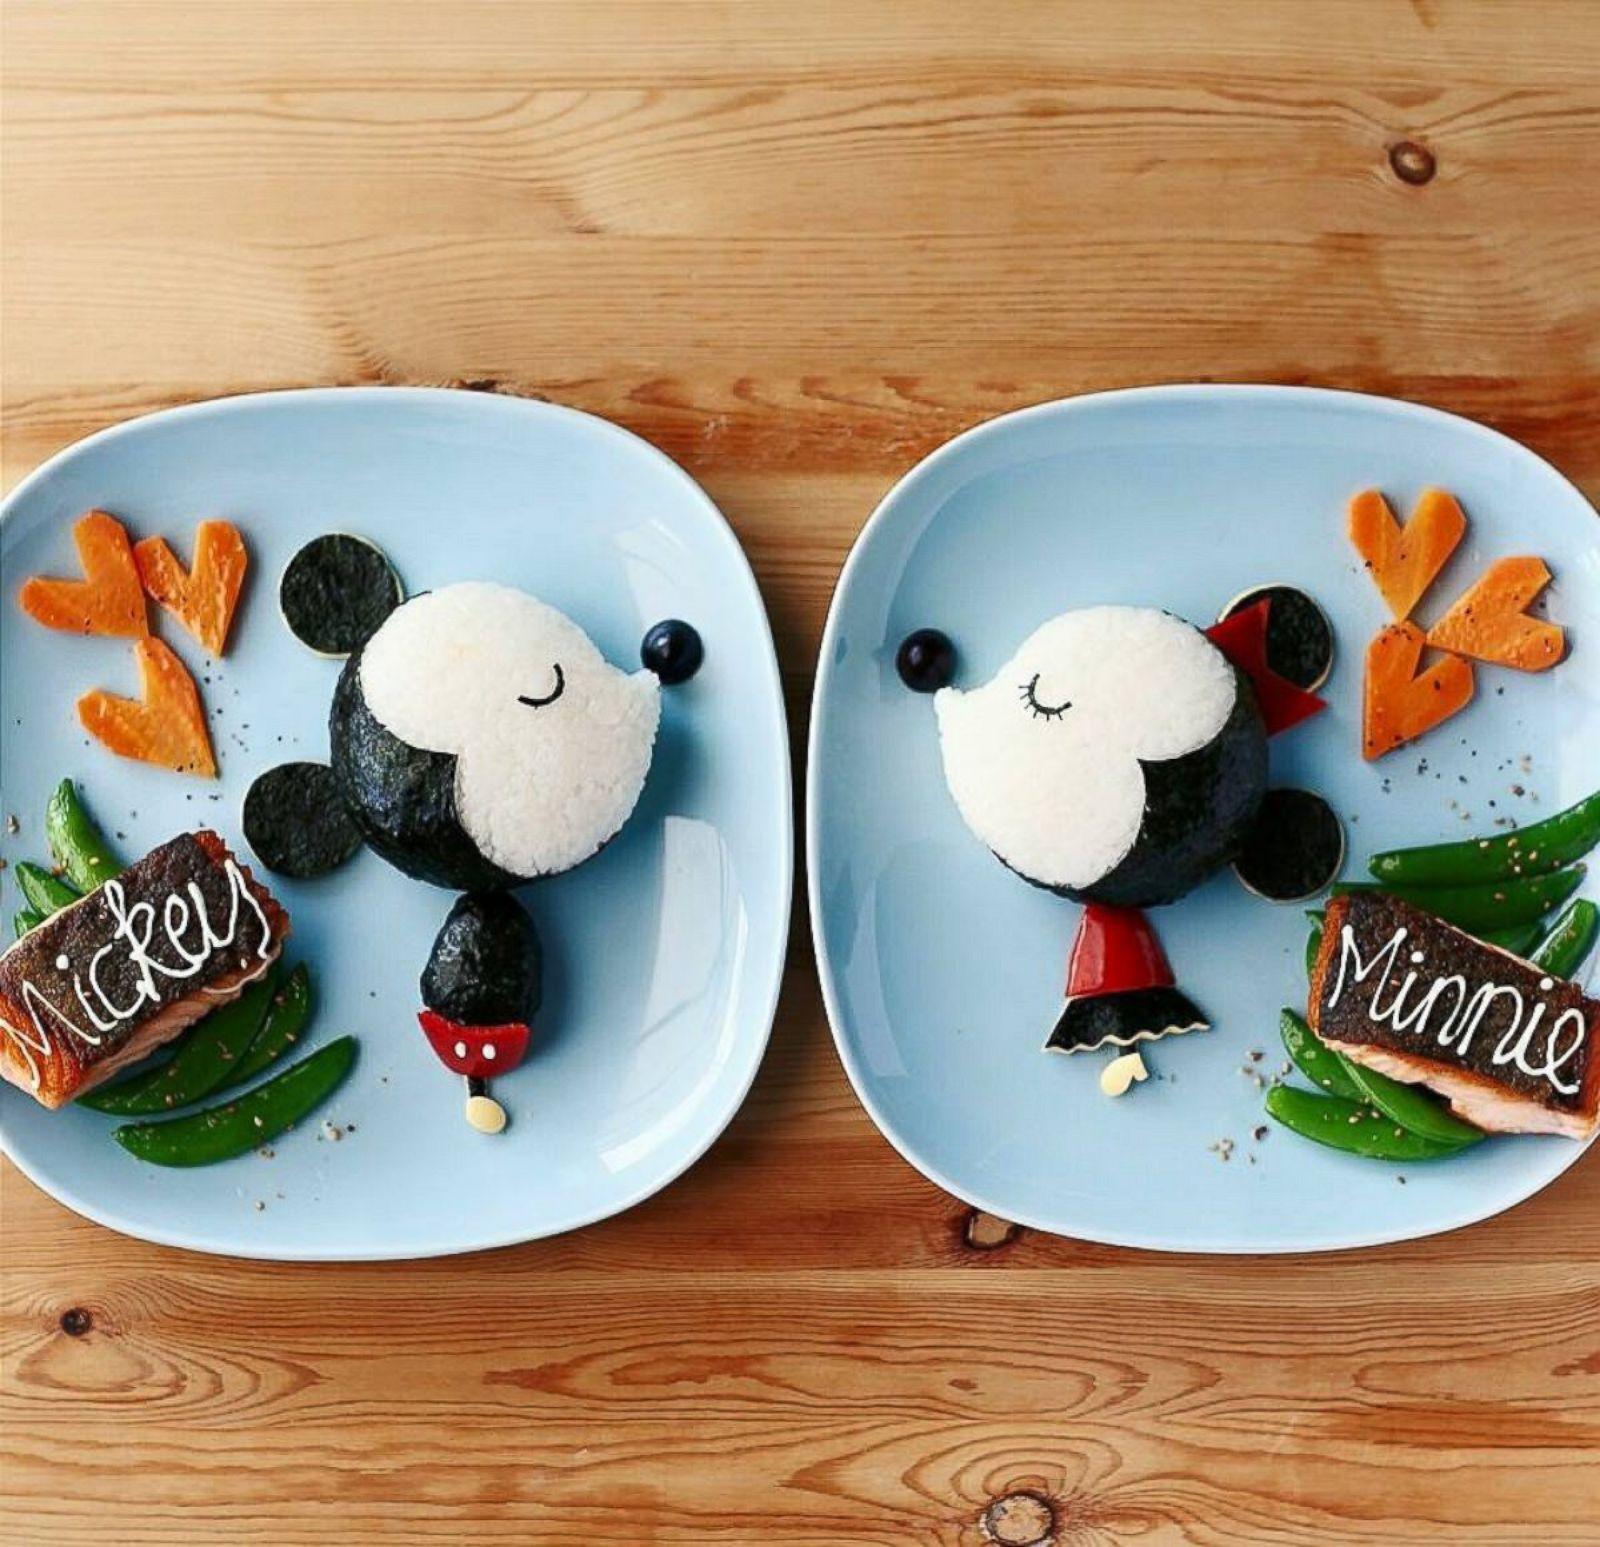 samantha-lee-food-art